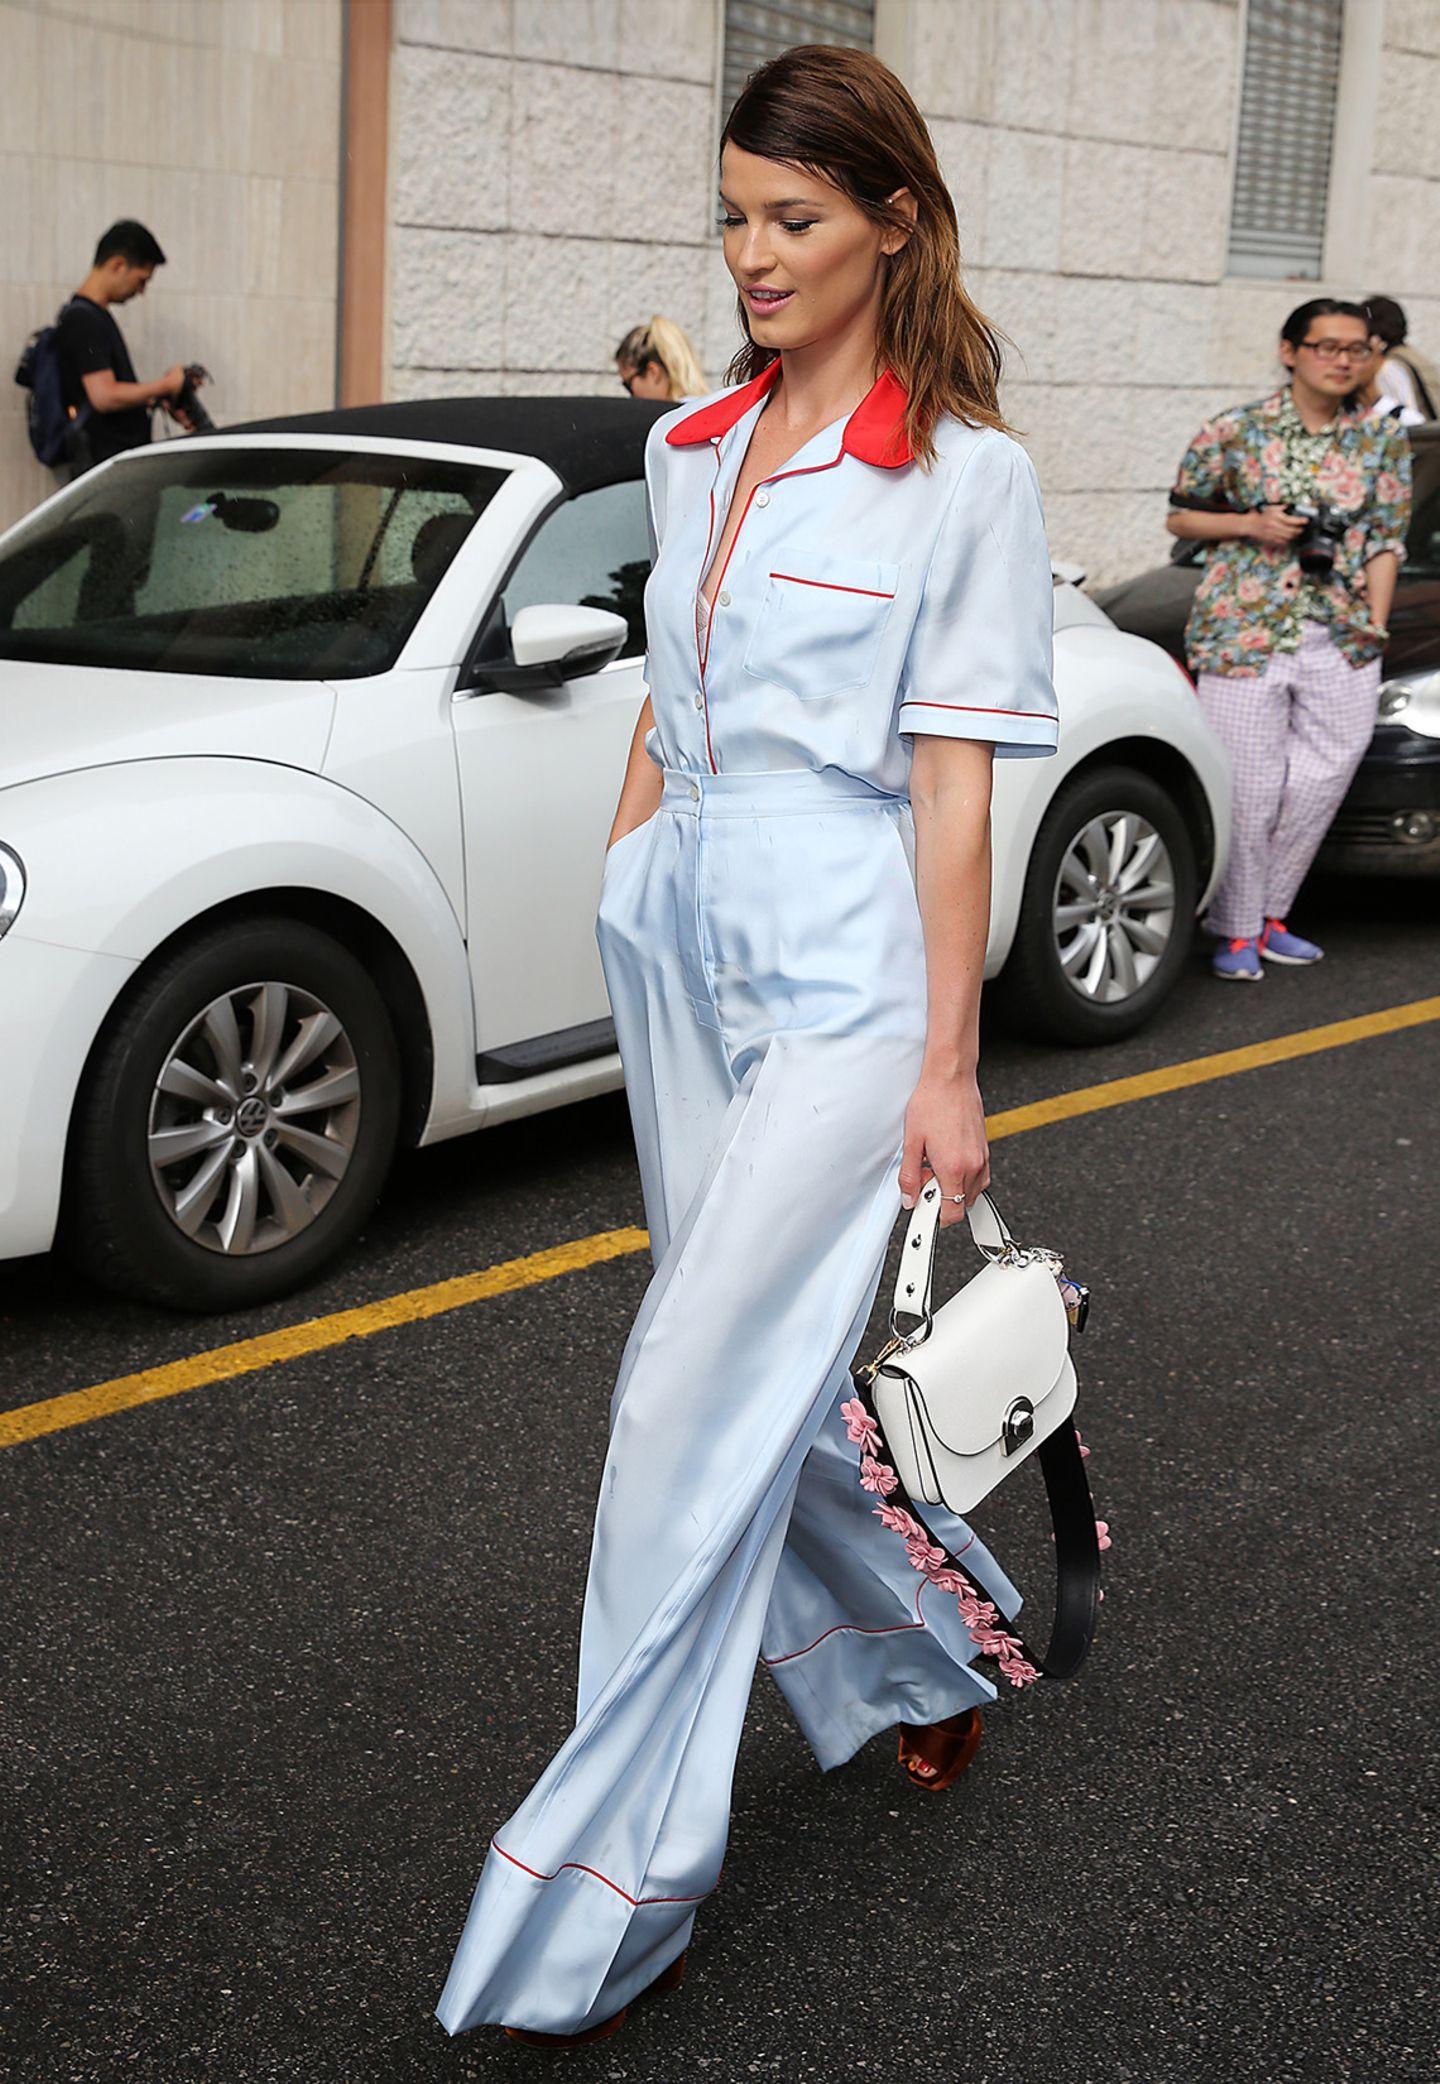 Fashion-Bloggerin Hanneli Mustaparta macht in der hellblau-roten Kombi mit weiter Marlene-Hose bei der Prada-Show mächtig Eindruck.